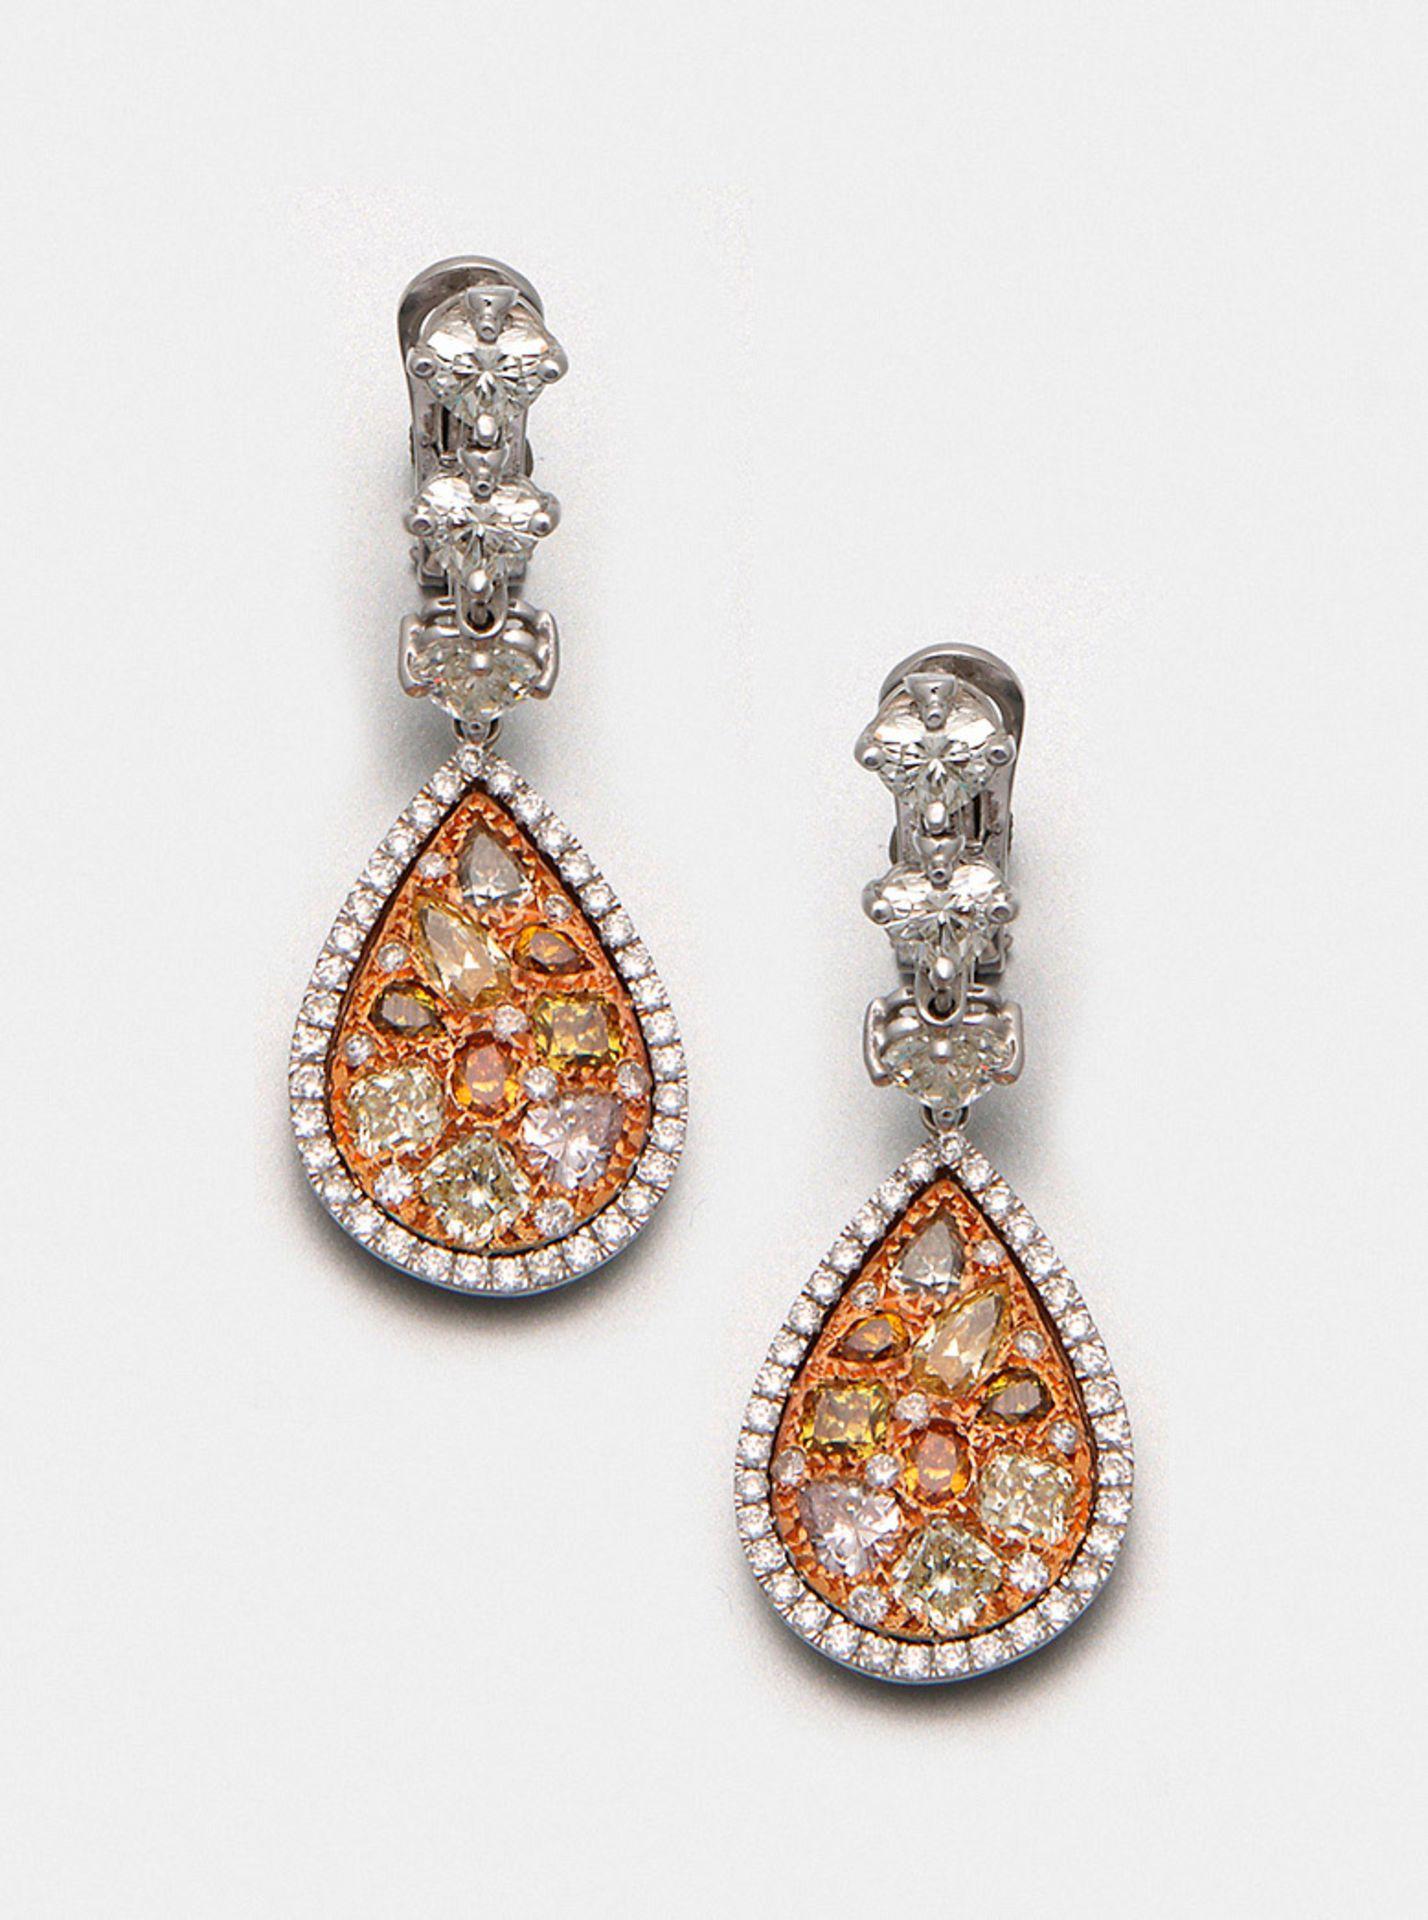 Paar extravagante Natural Fancy-Color-Diamantohrgehänge